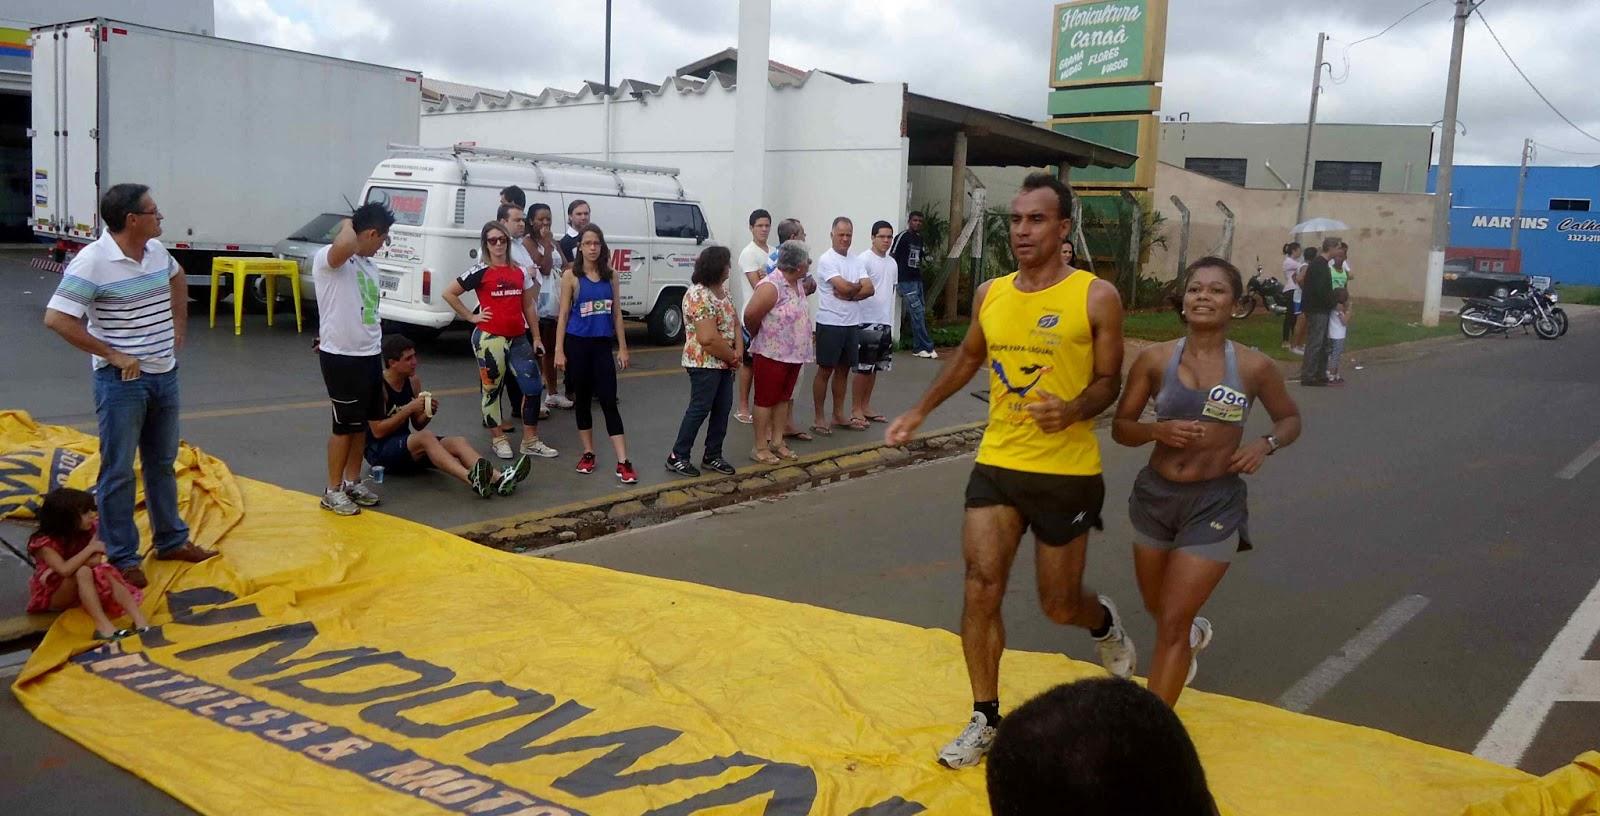 Foto 136 da 1ª Corrida Av. dos Coqueiros em Barretos-SP 14/04/2013 – Atletas cruzando a linha de chegada